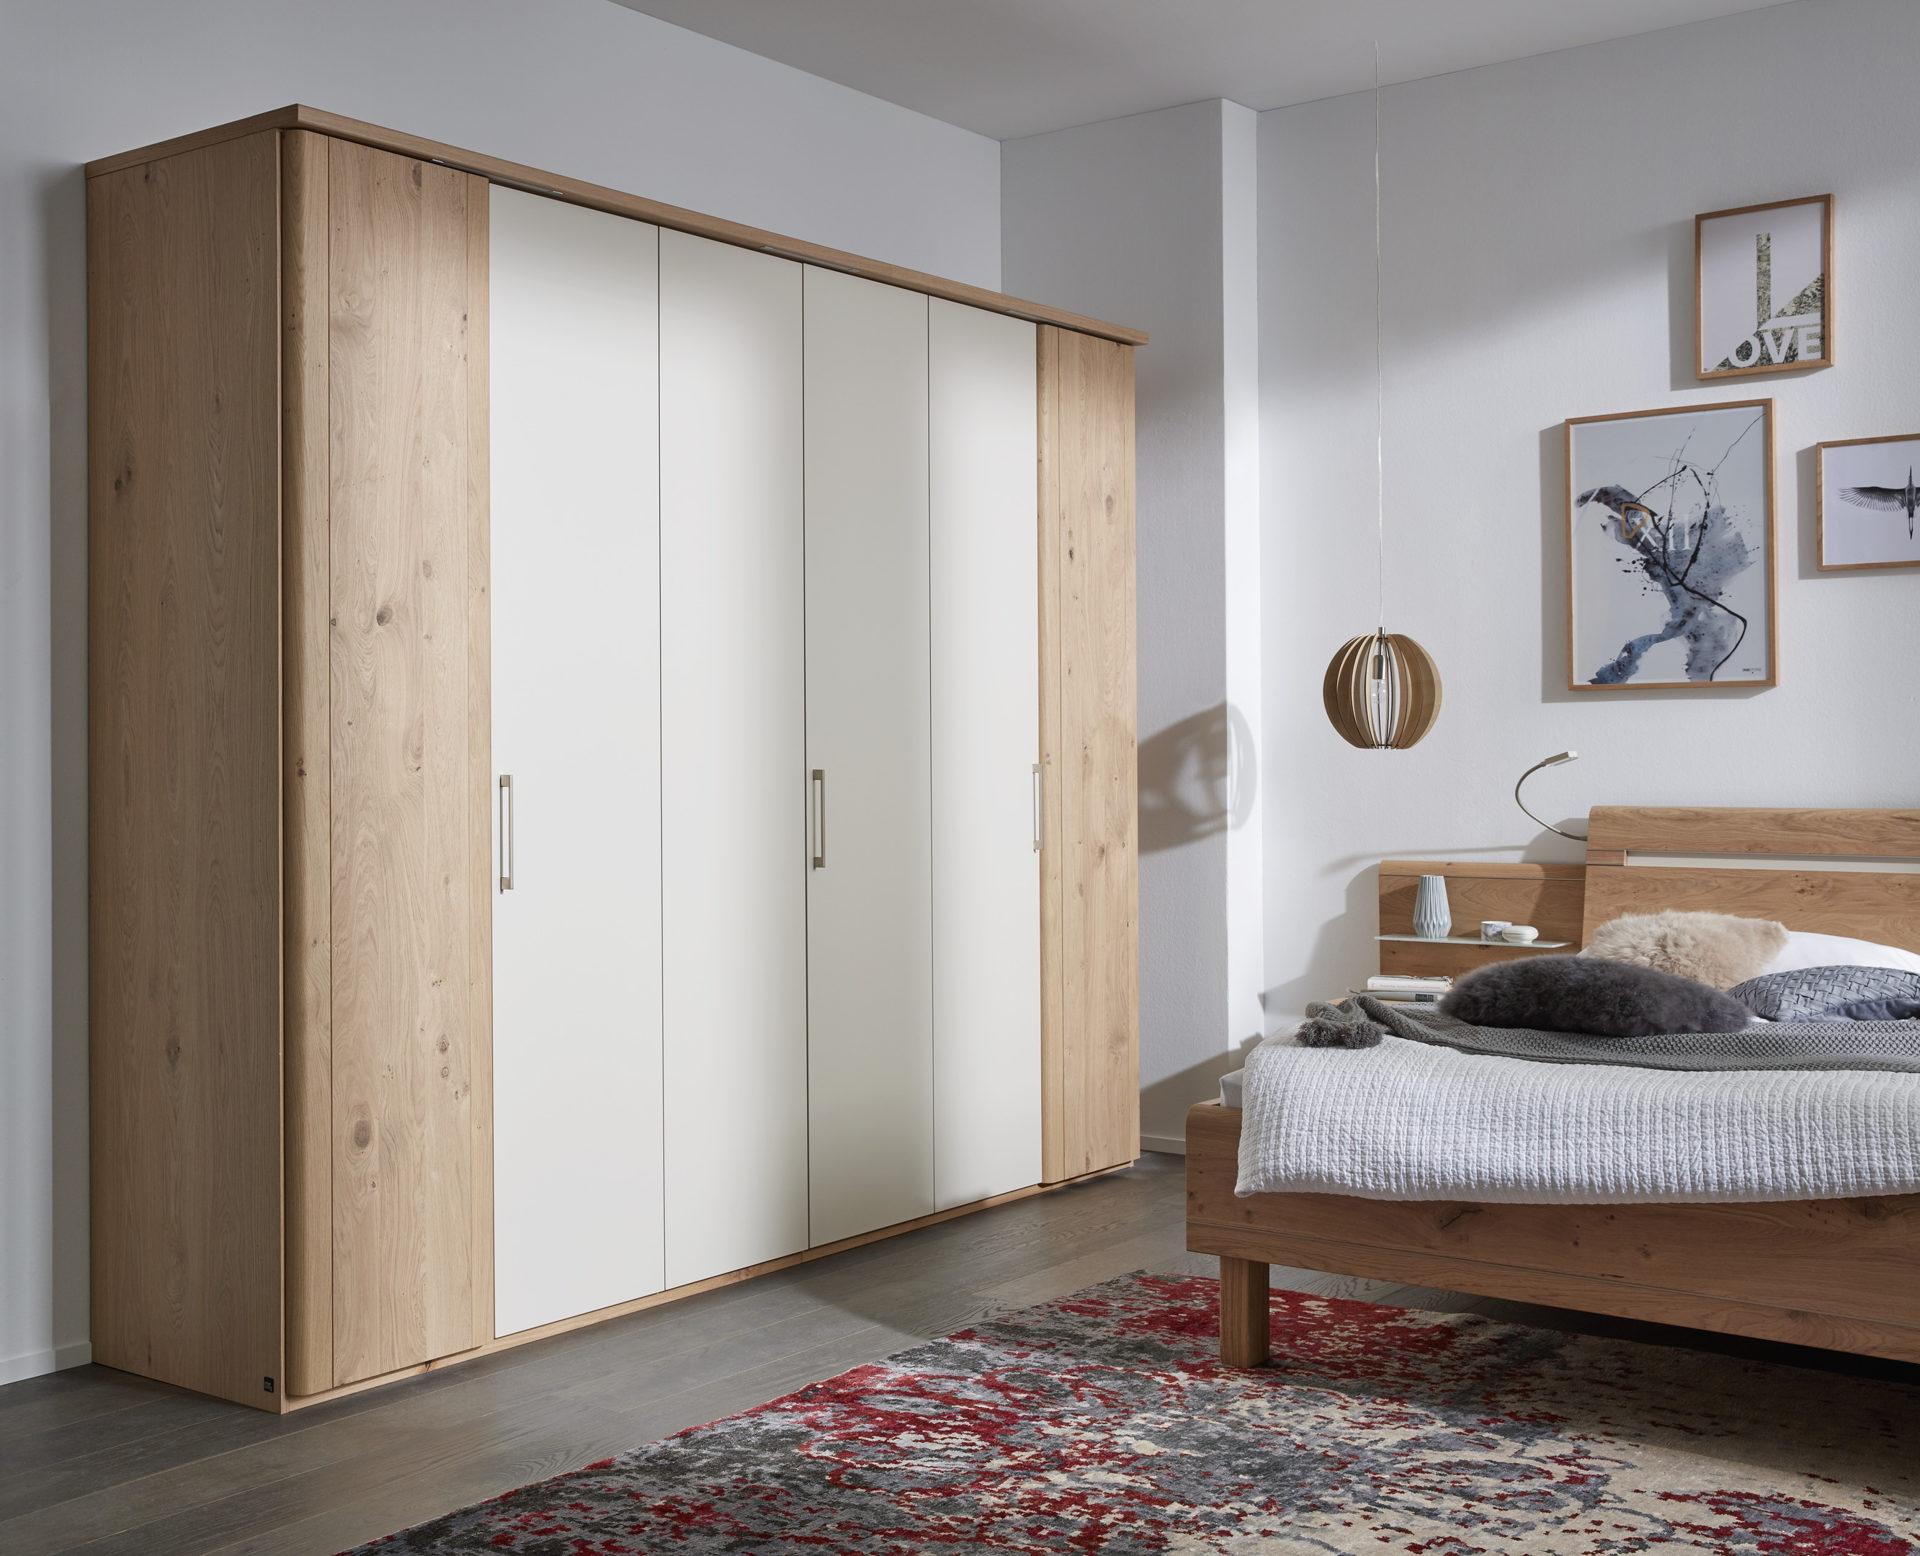 Interliving Schlafzimmer Serie 1013 – Kleiderschrank, sandfarbene  Lackoberflächen & Balkeneiche – sechs Türen